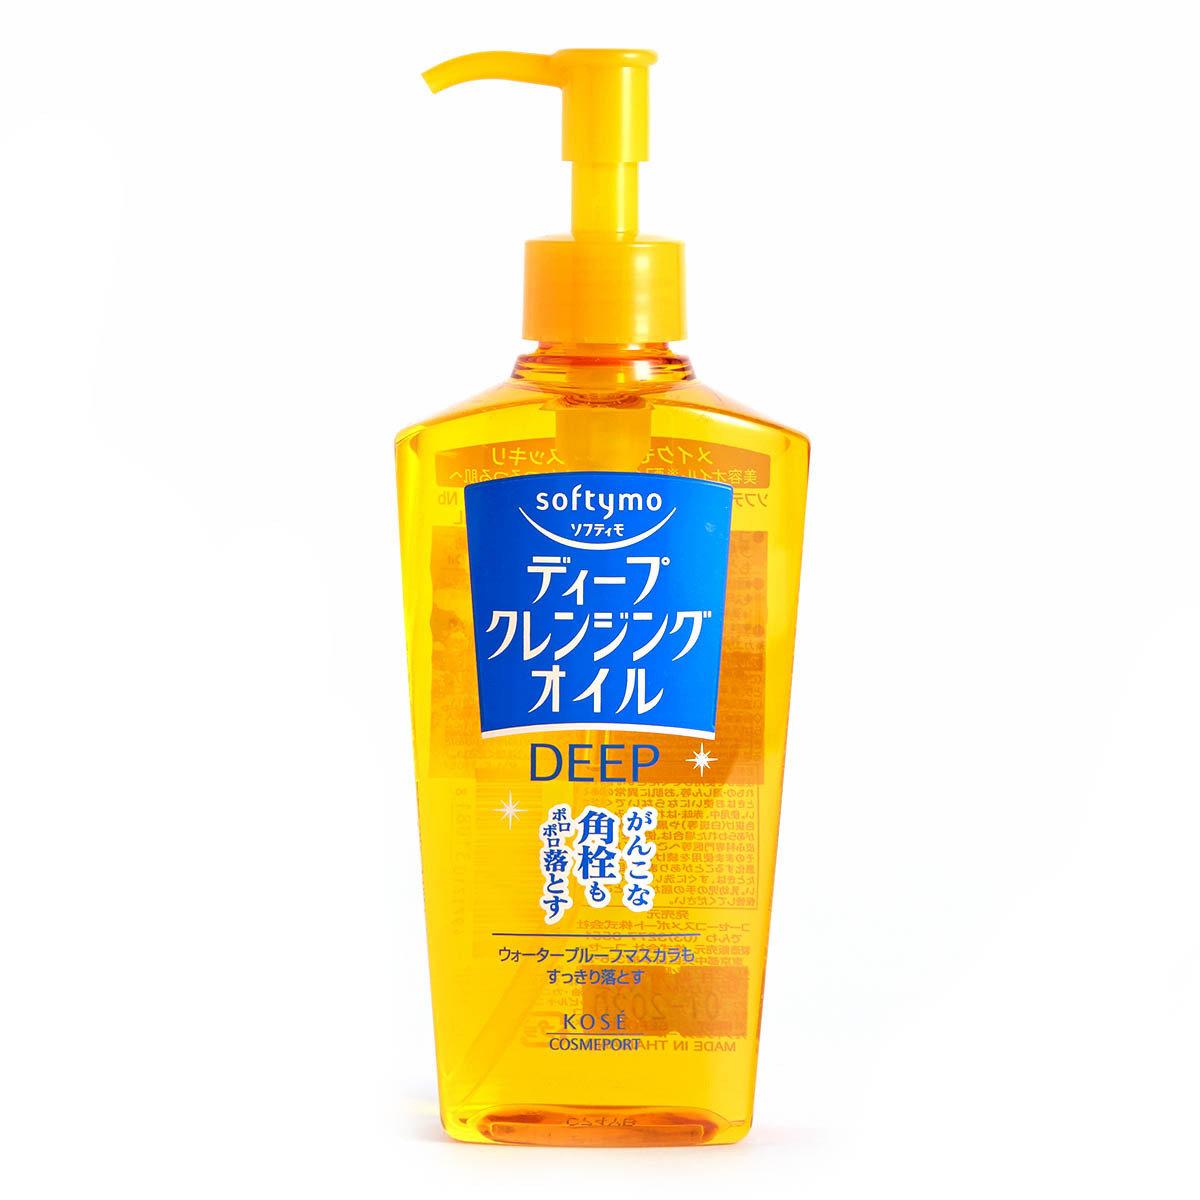 深層潔淨卸妝油